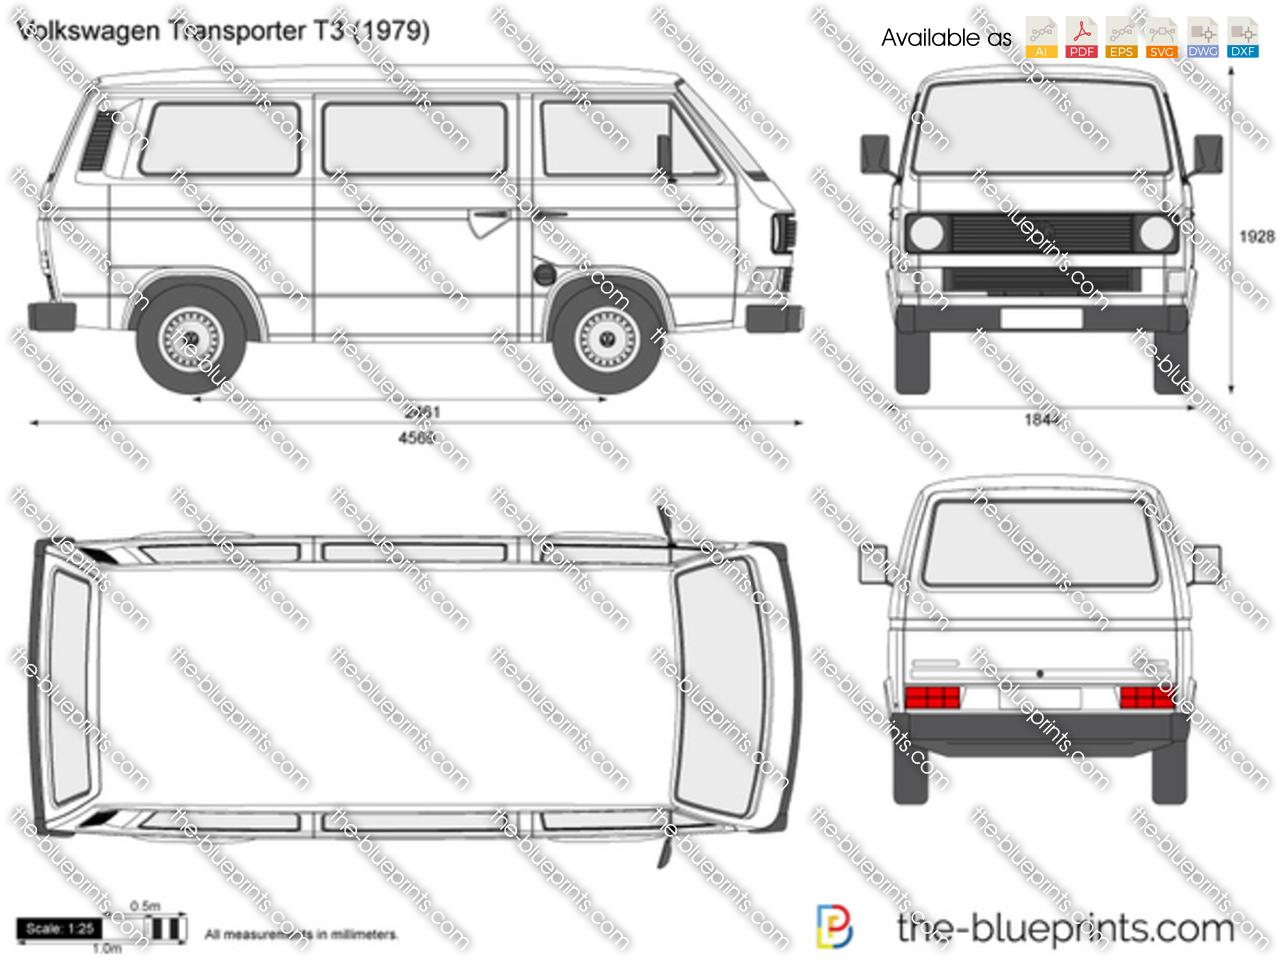 Volkswagen Transporter T3 1983